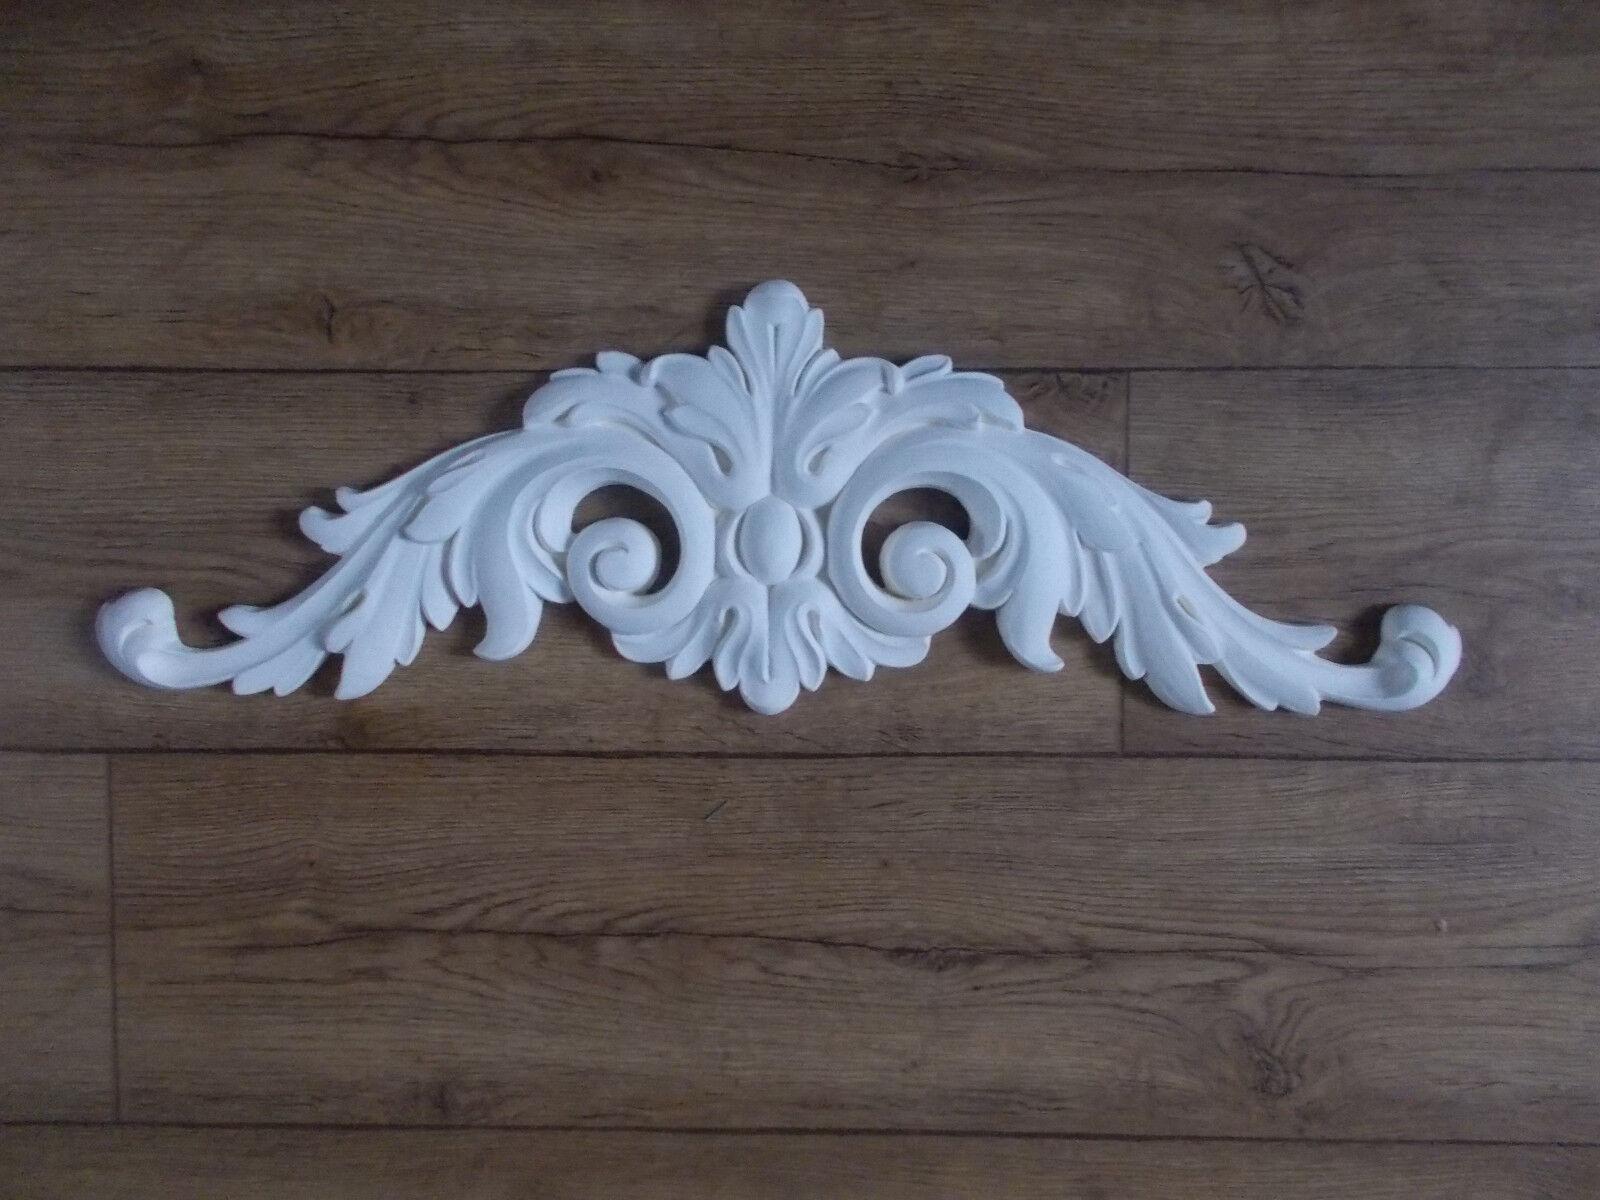 Ornate Weiß pediment    Decorative molding furniture Cupboards Fire place d8fff8